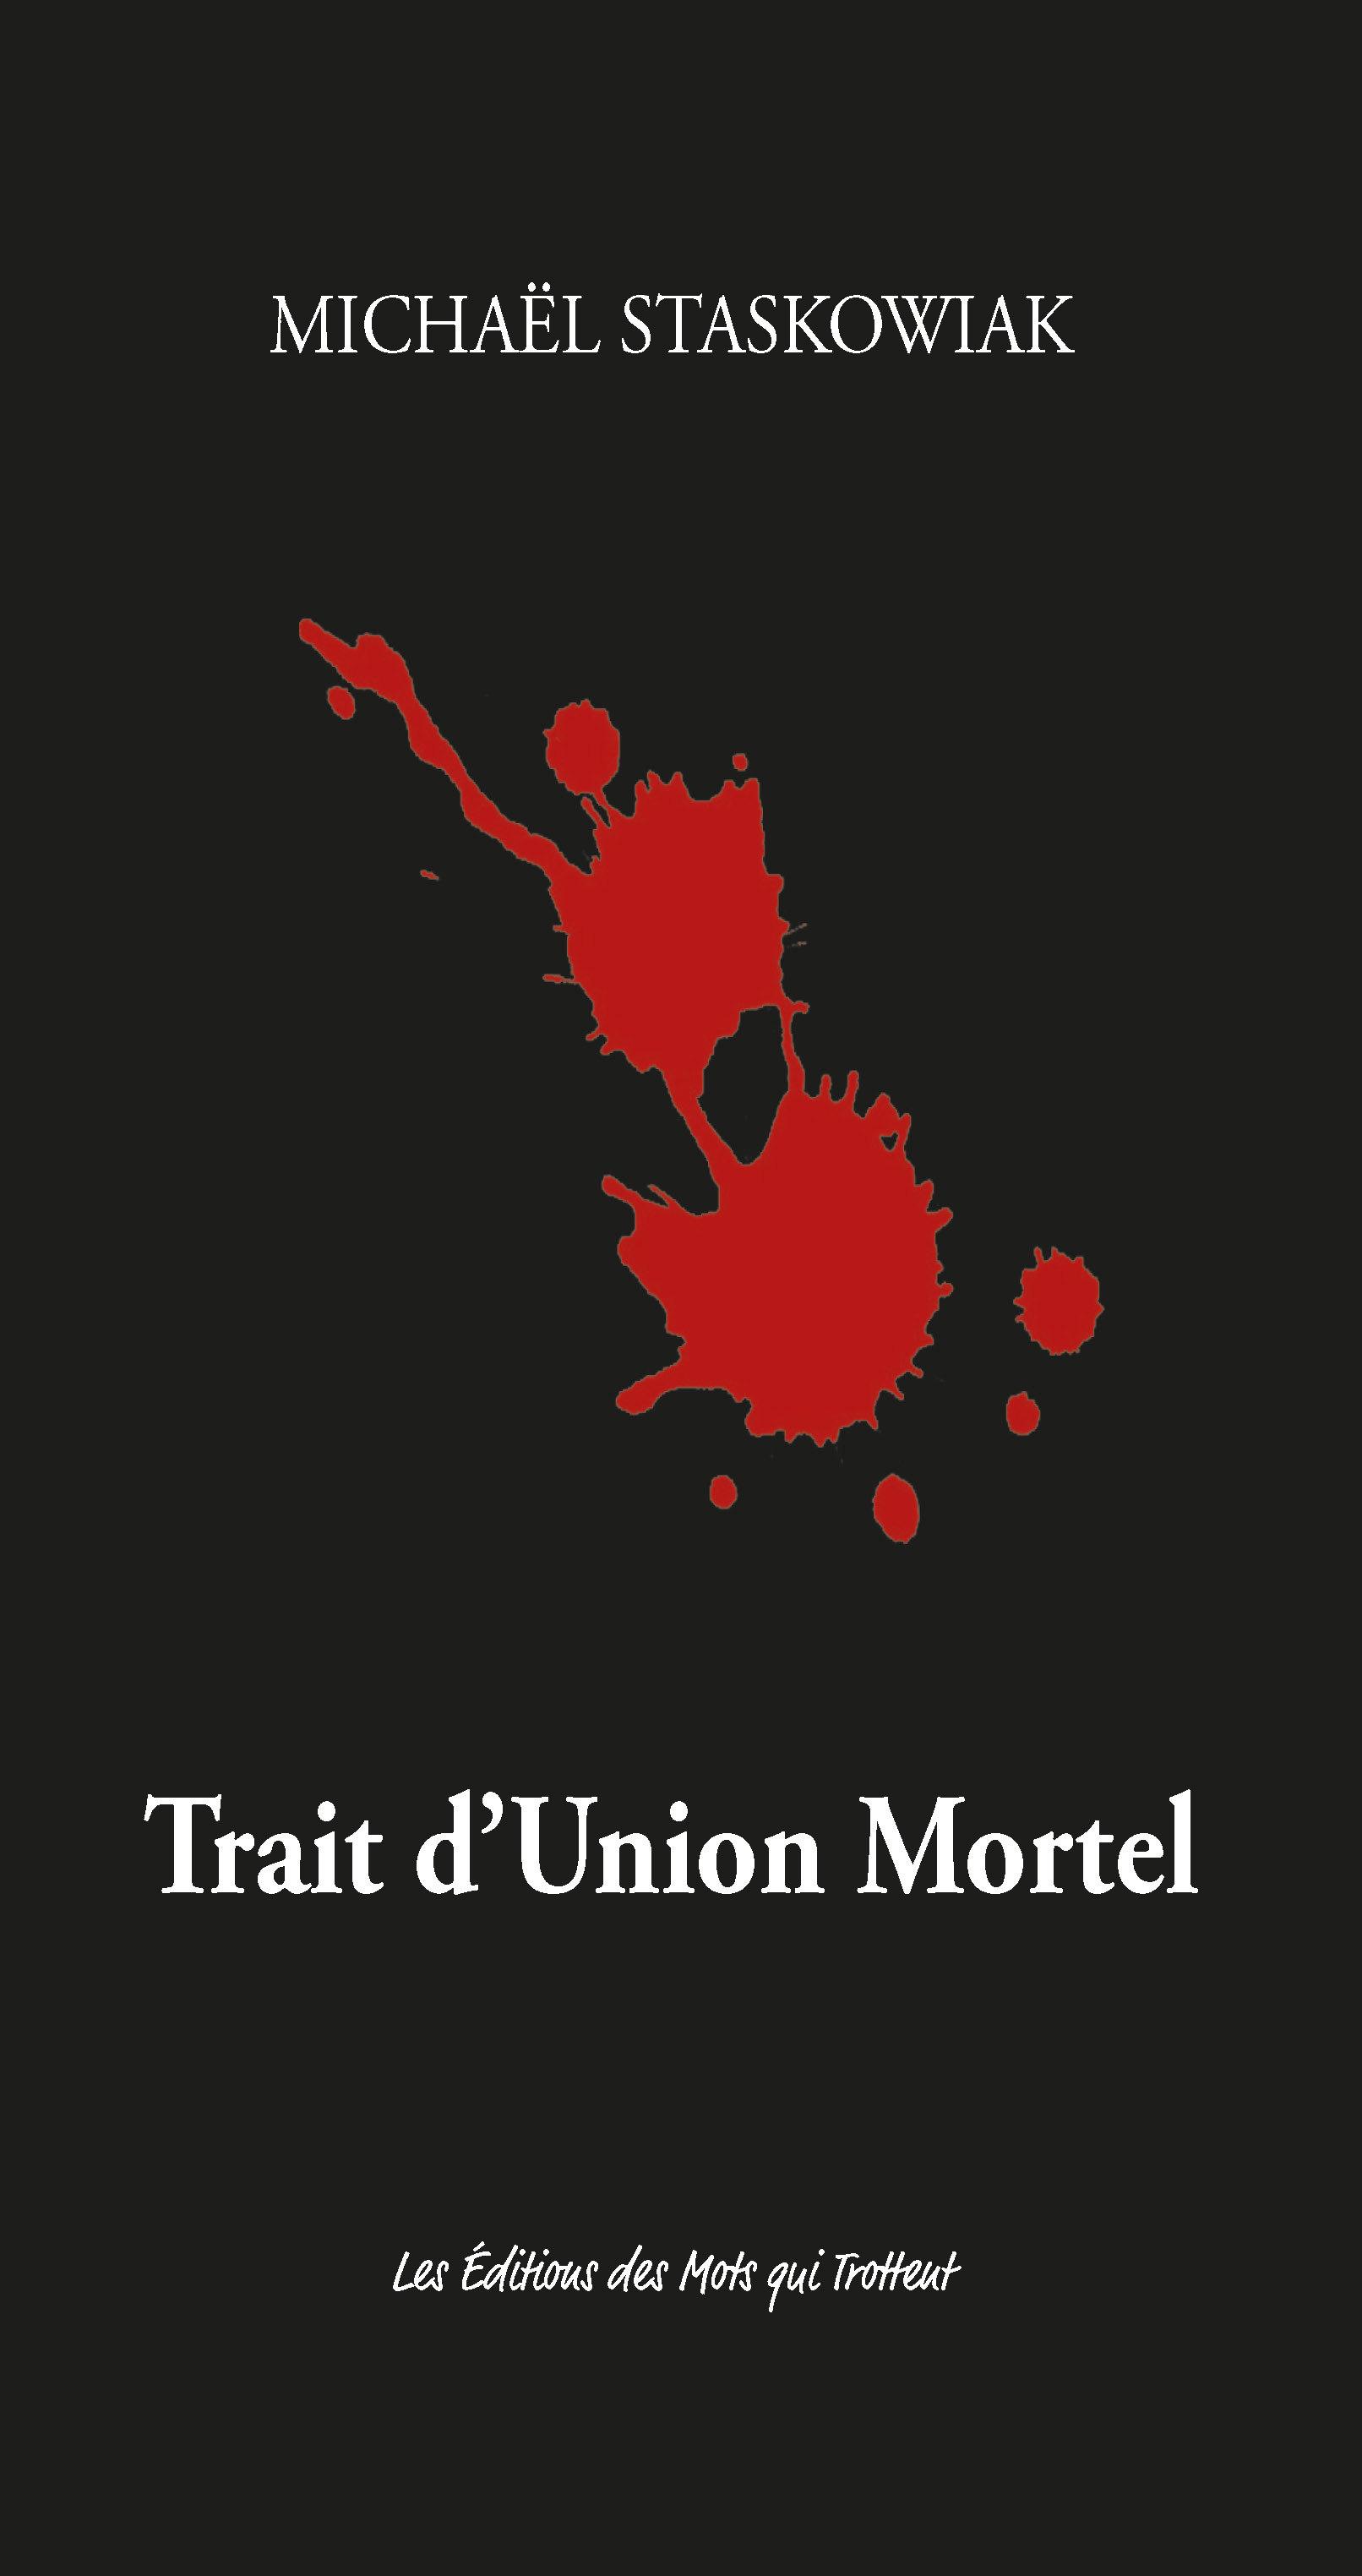 TRAIT D'UNION MORTEL